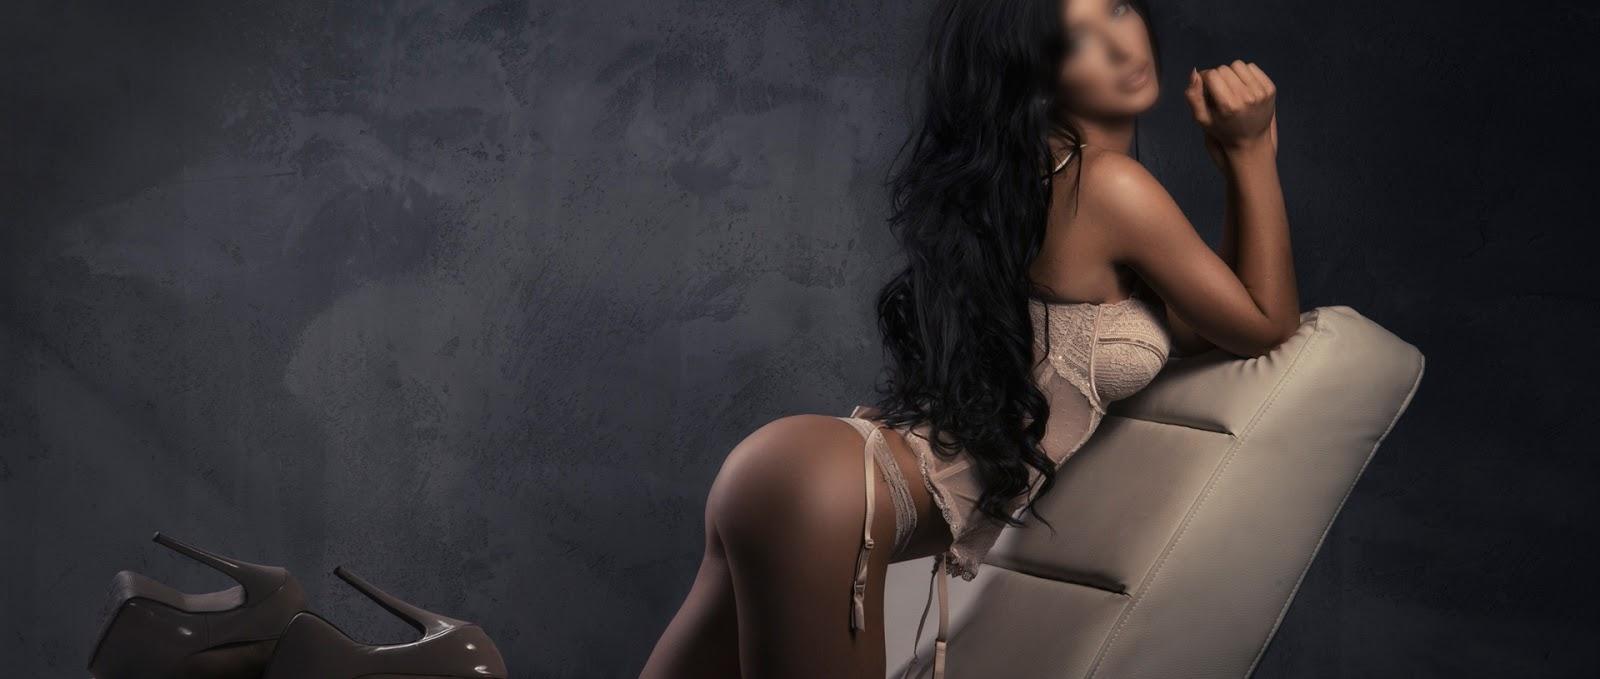 Putas peruanas fotos acompañantes eroticas